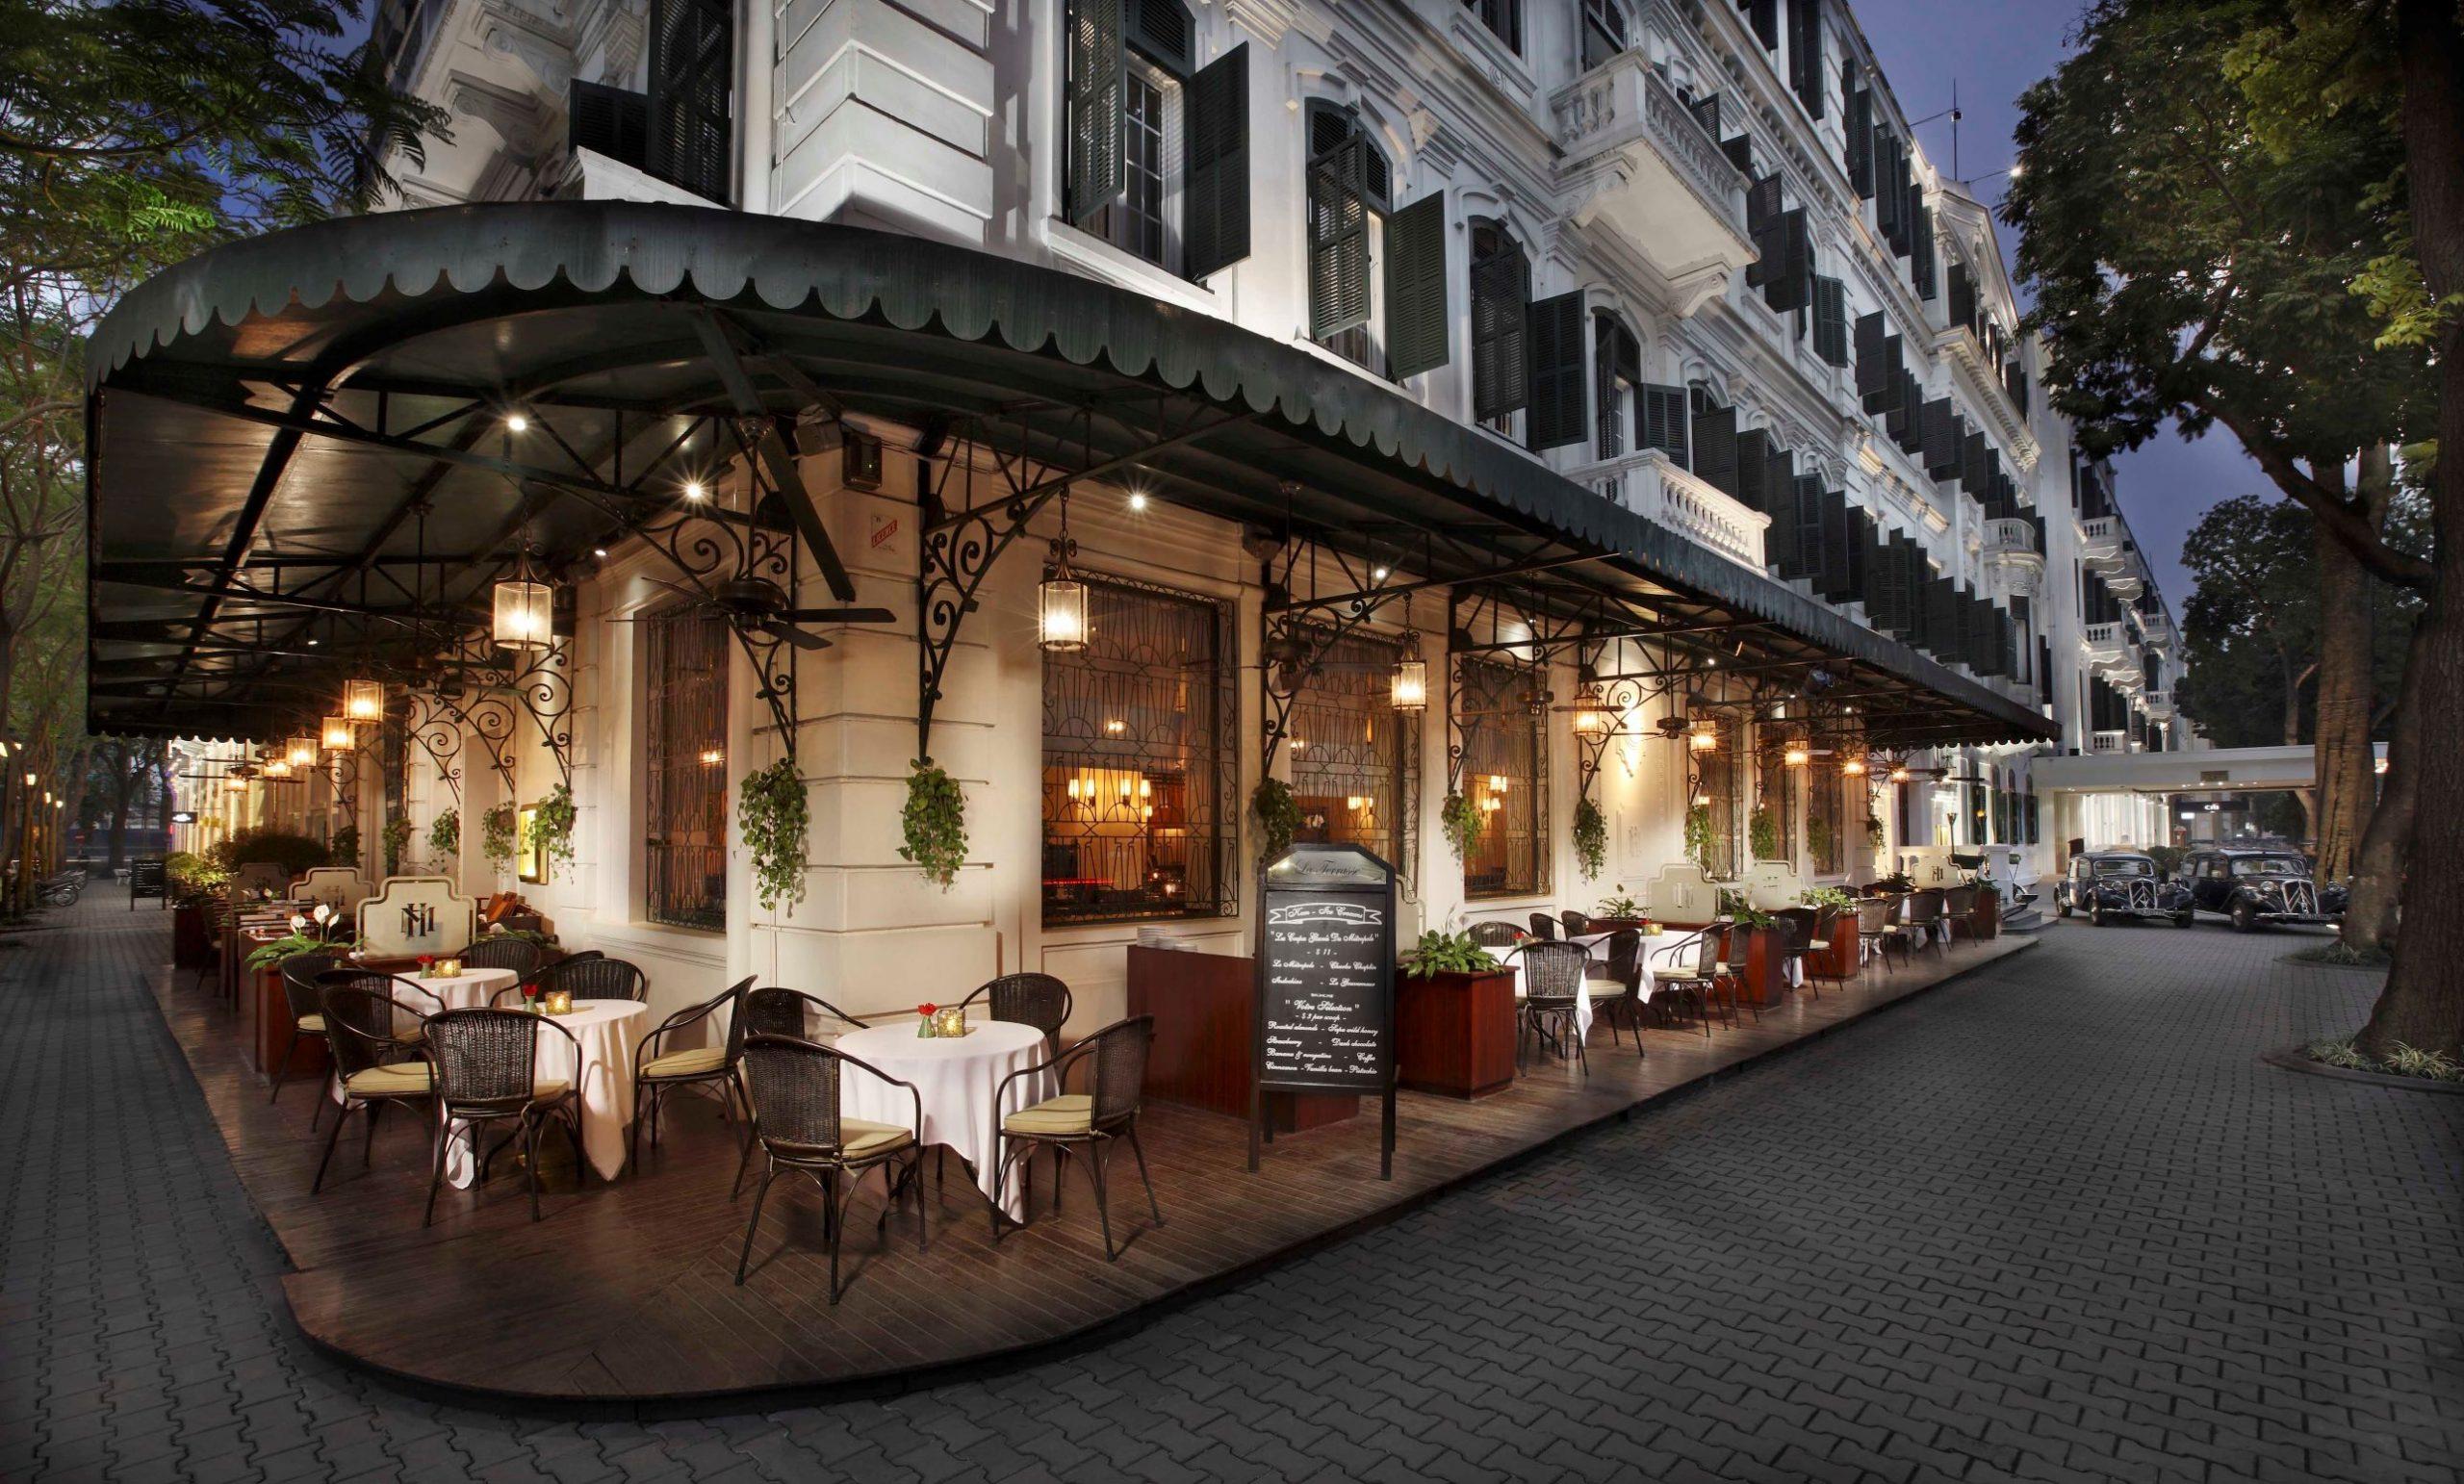 ban-da-biet-5-quan-cafe-sang-trong-view-doc-nhat-ha-noi